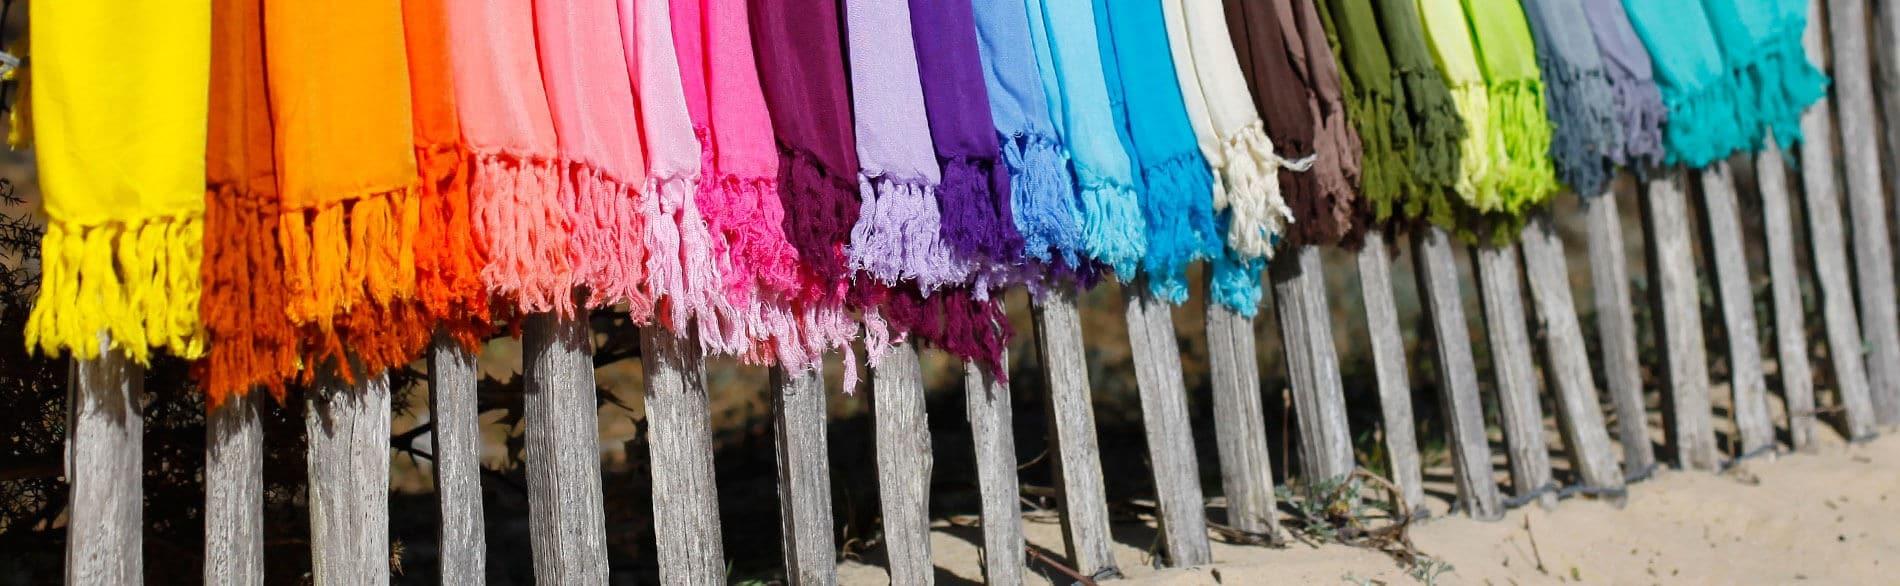 Découvrez notre large gamme de paréos colorés, idéal pour vos journées à la plage